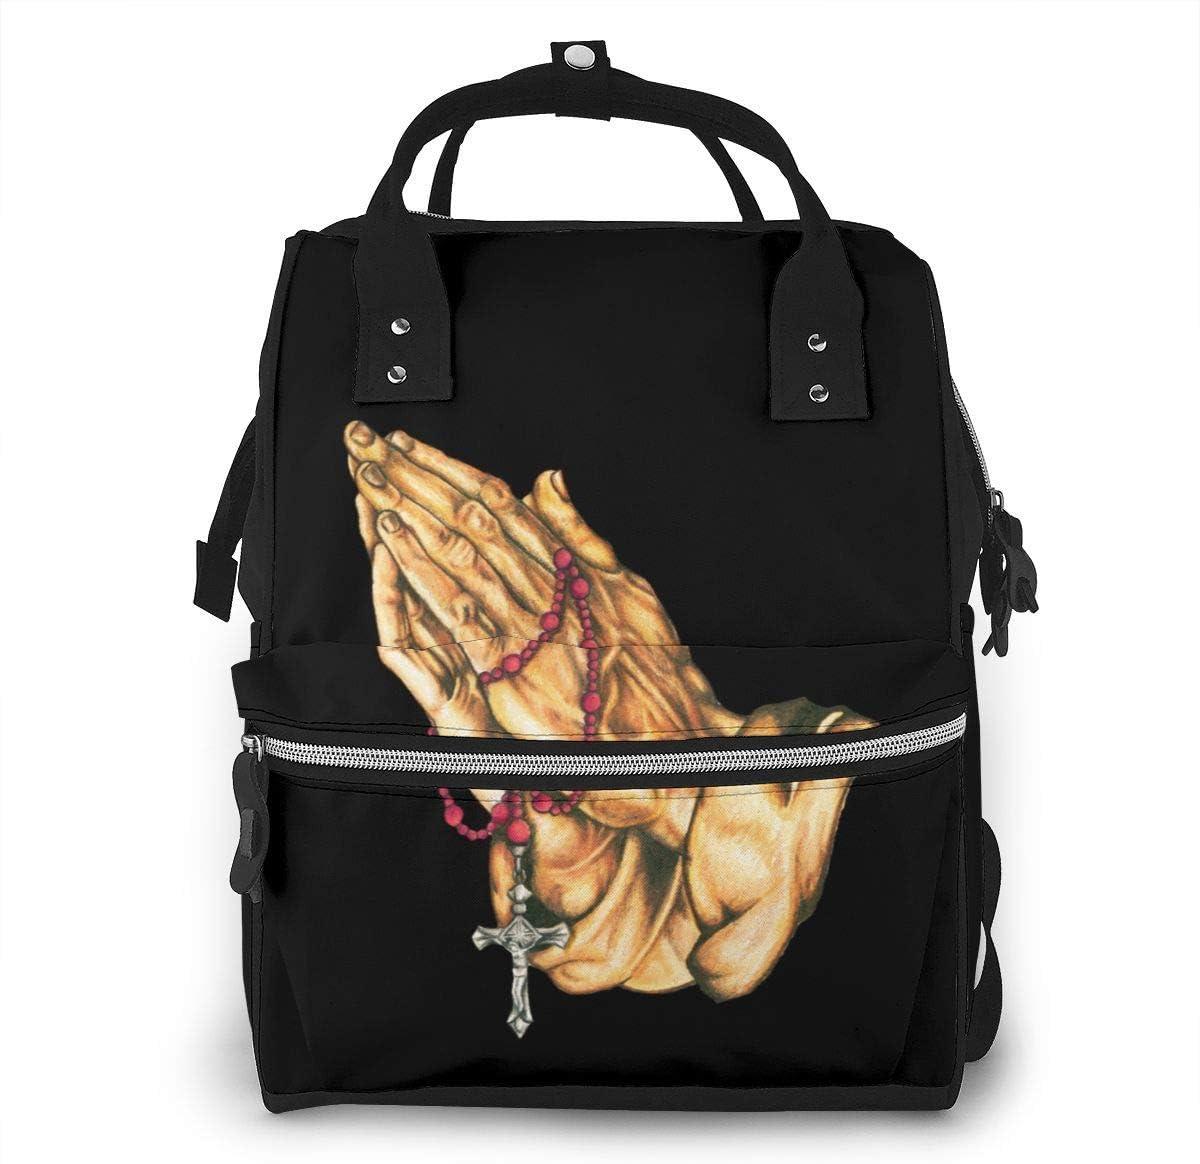 GXGZ Oración Manos Rosario Bolsa de pañales Moda Impermeable Mochila de viaje multifunción Bolsas de pañales grandes Mochila de momia para el cuidado del bebé